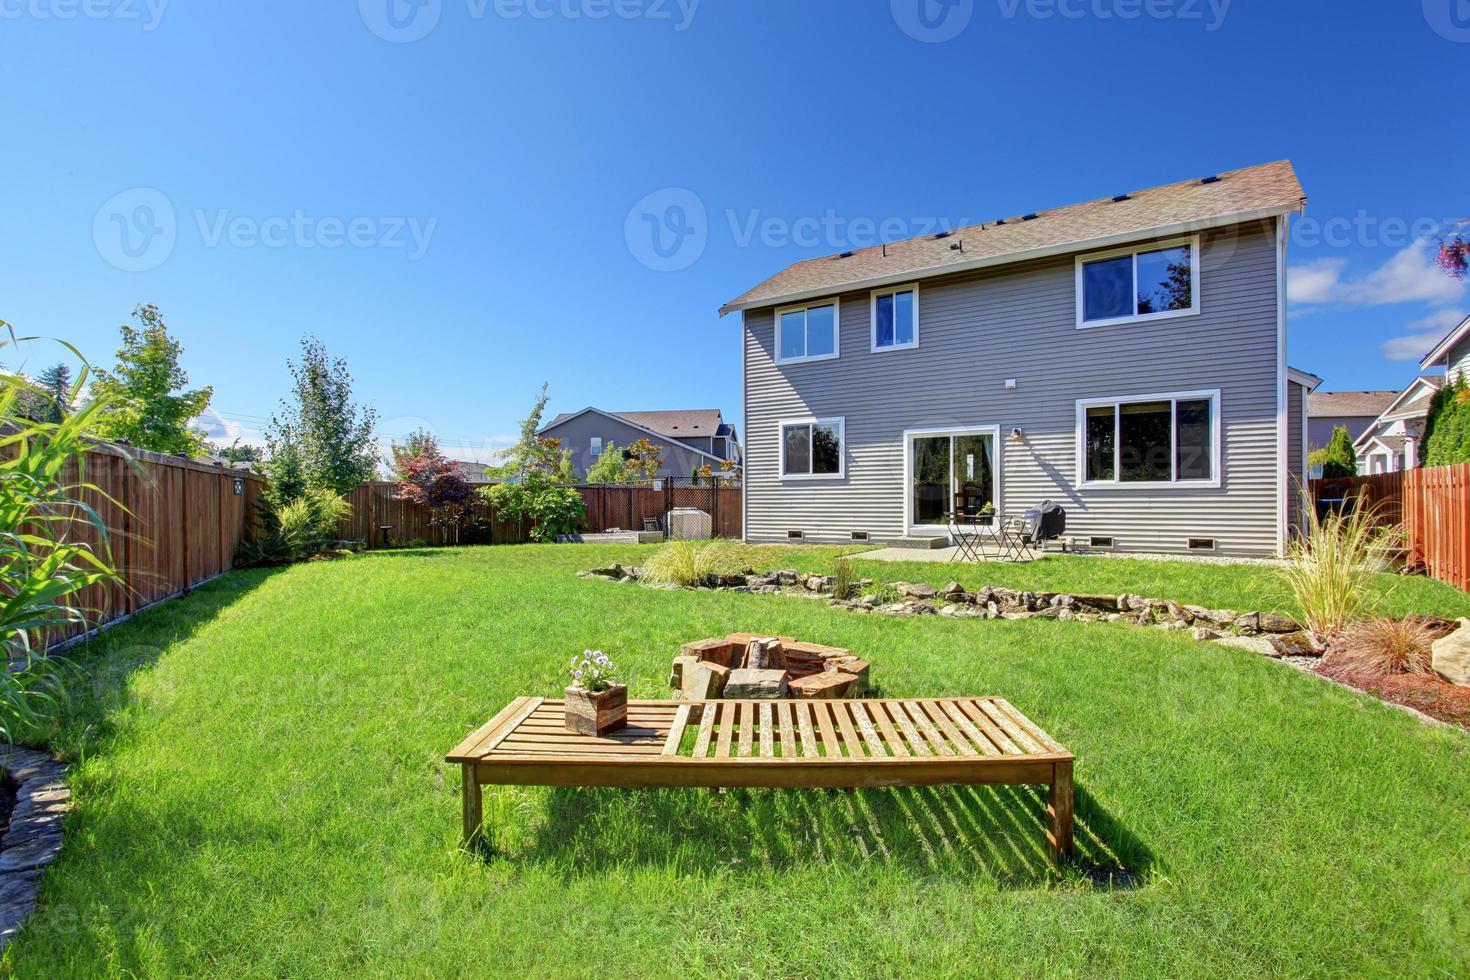 hus med stor bakgård och uteplats foto